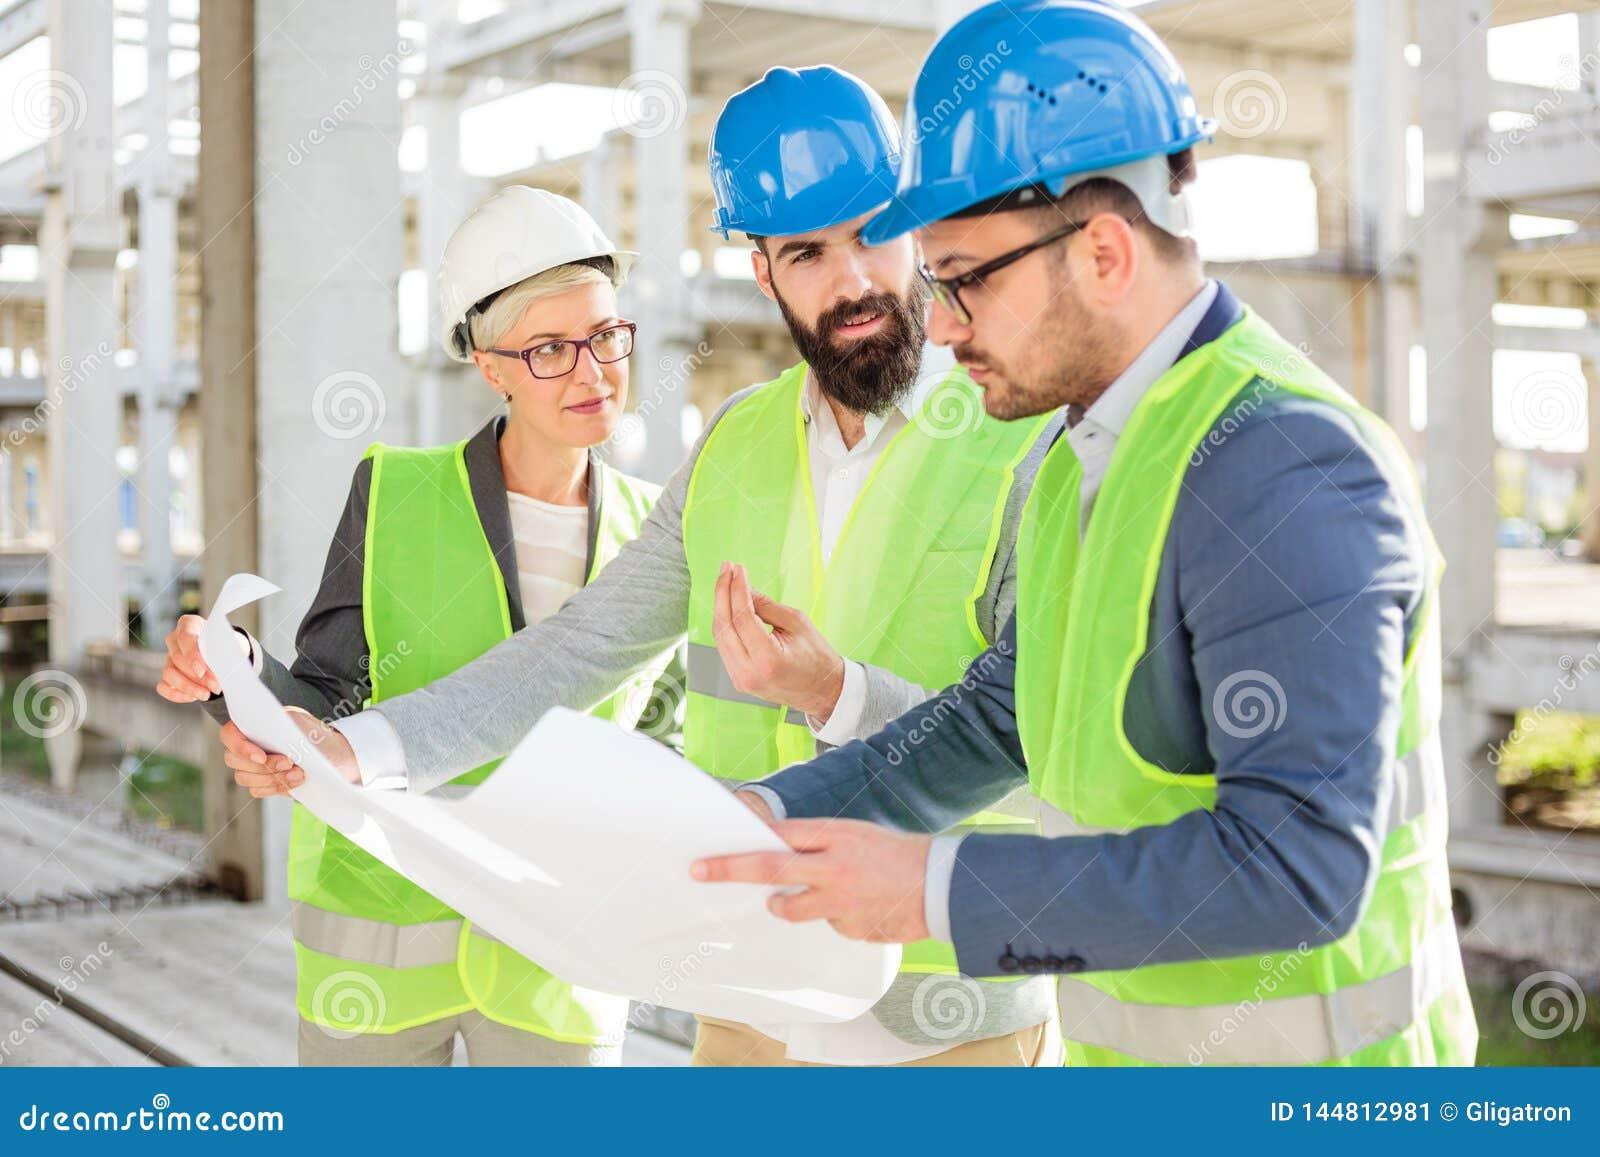 Groupe d architectes ou d associés ayant la réunion sur un chantier de construction